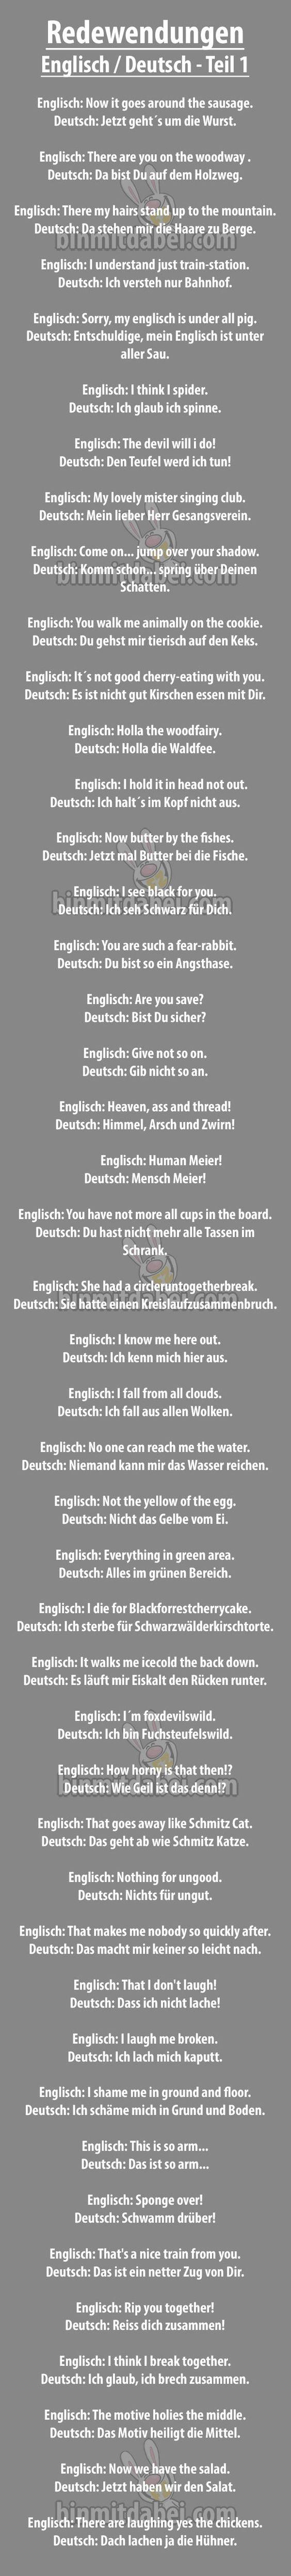 Übersetzung deutscher sprichwörter ins englische   lustiges